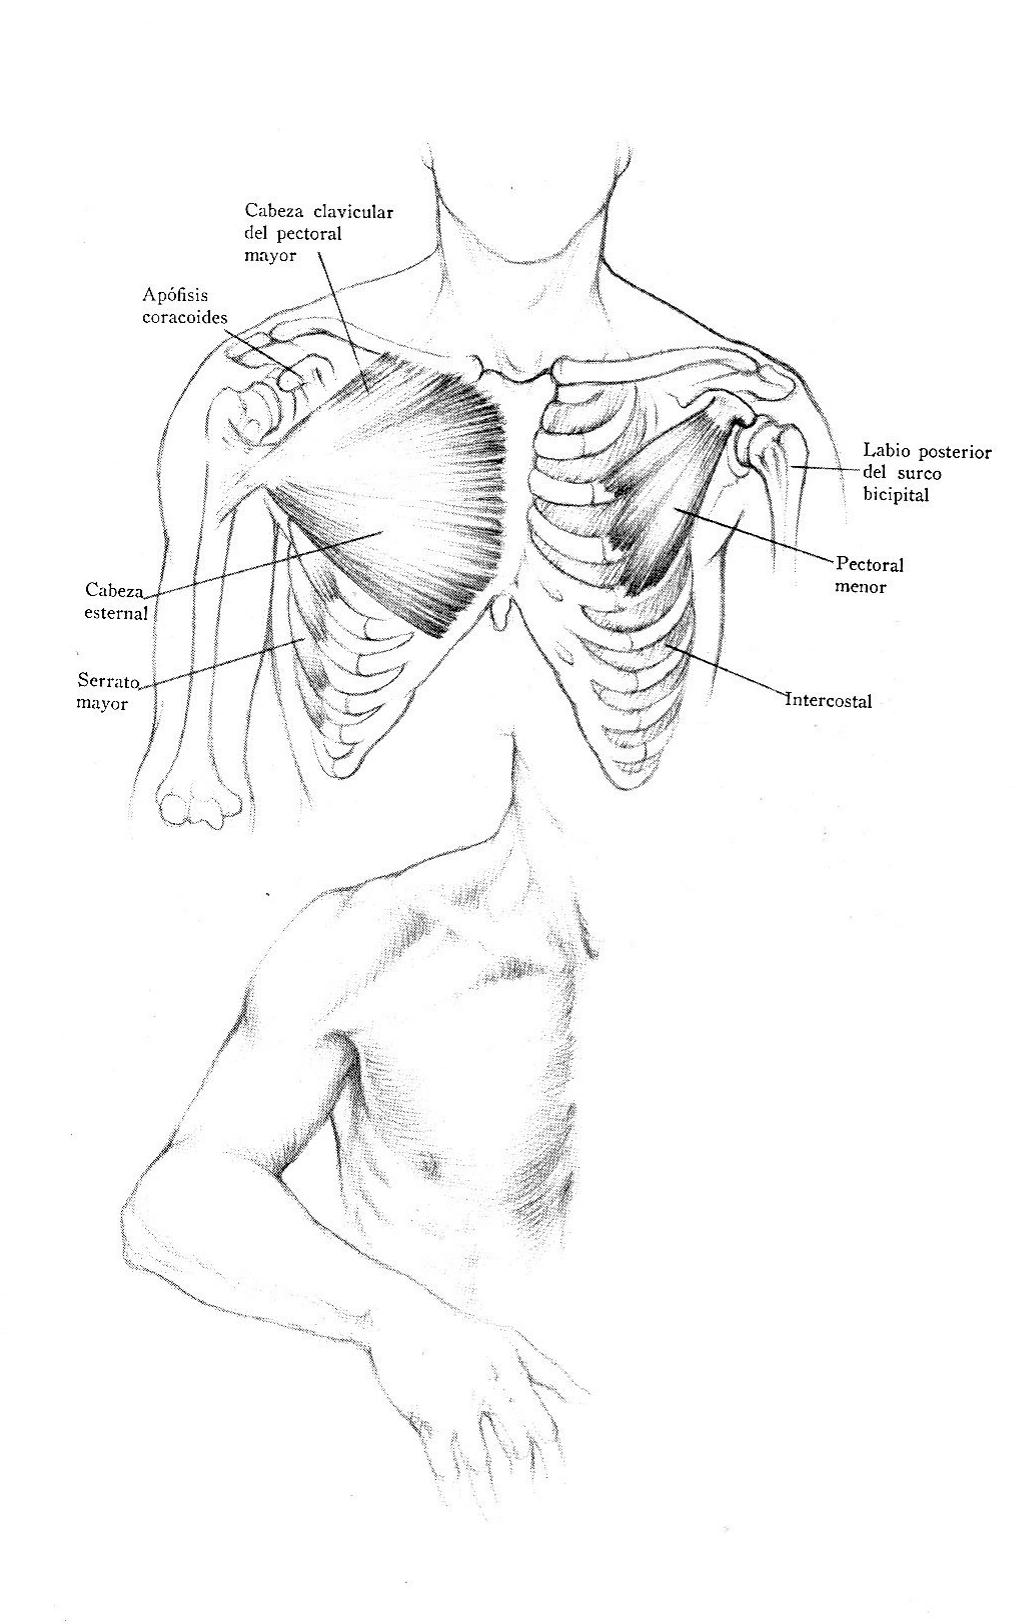 Músculos de la parte anterior del tórax | dibujo humano | Pinterest ...